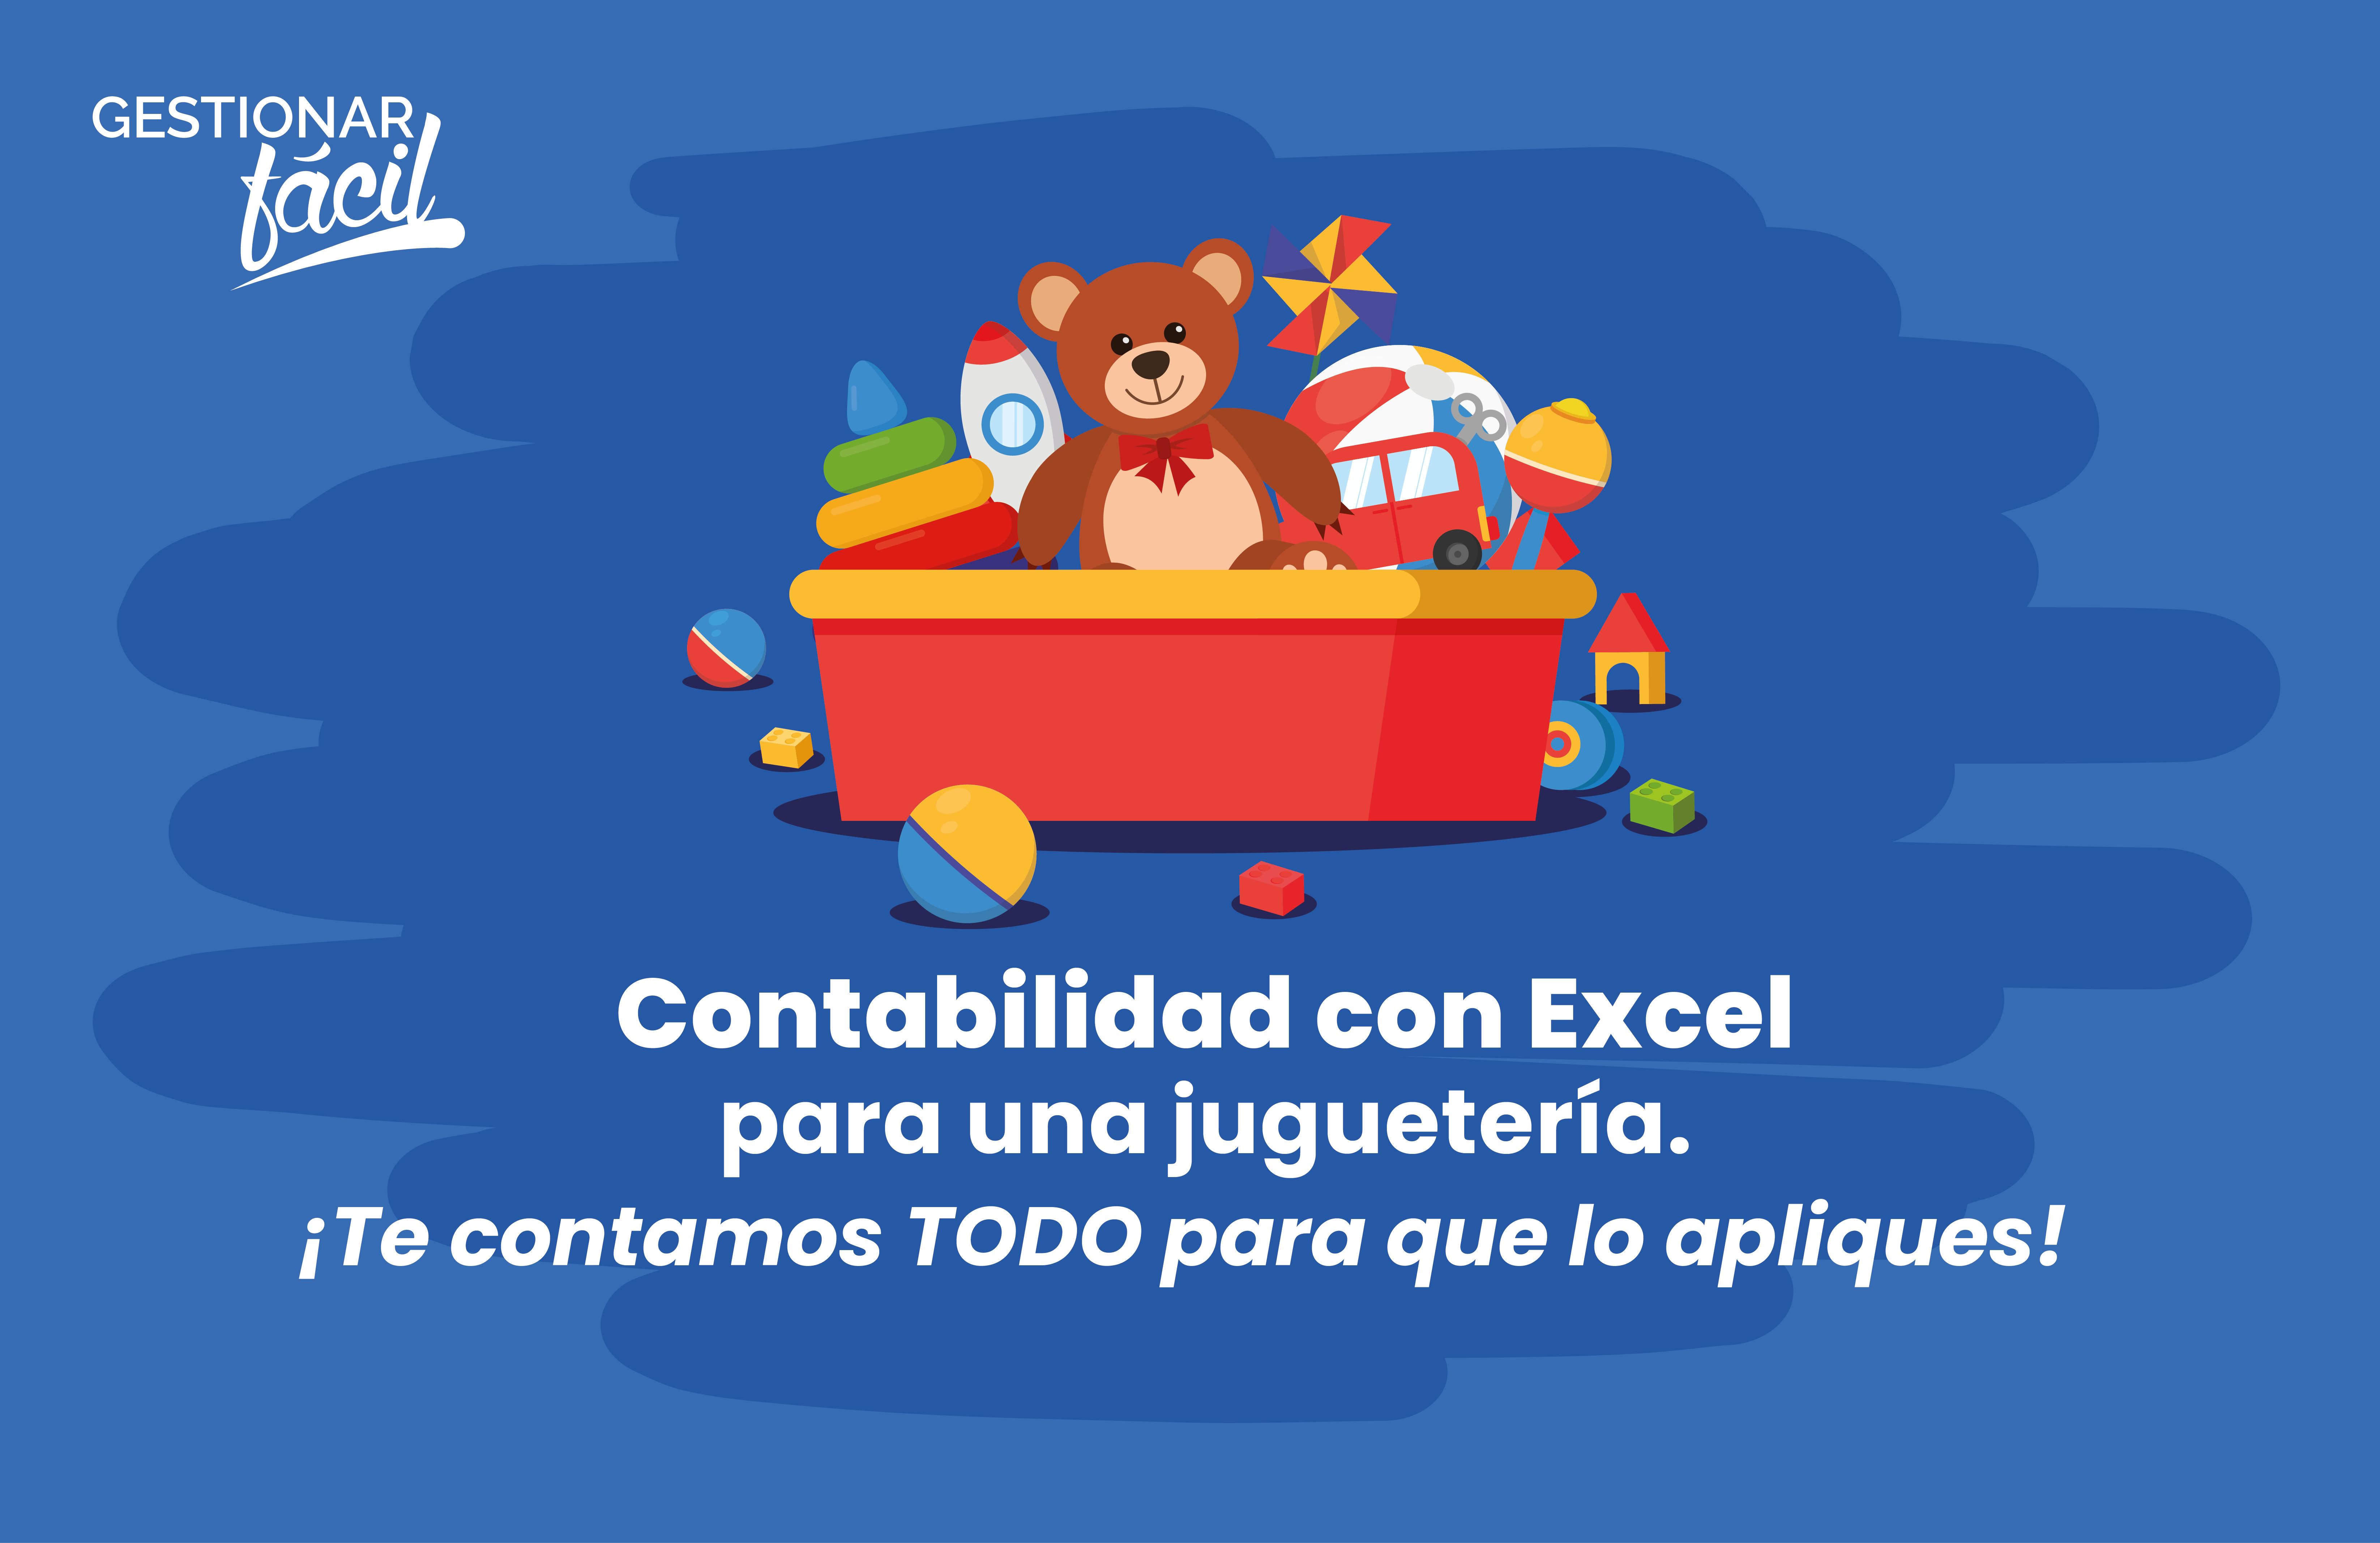 Contabilidad con Excel para una juguetería